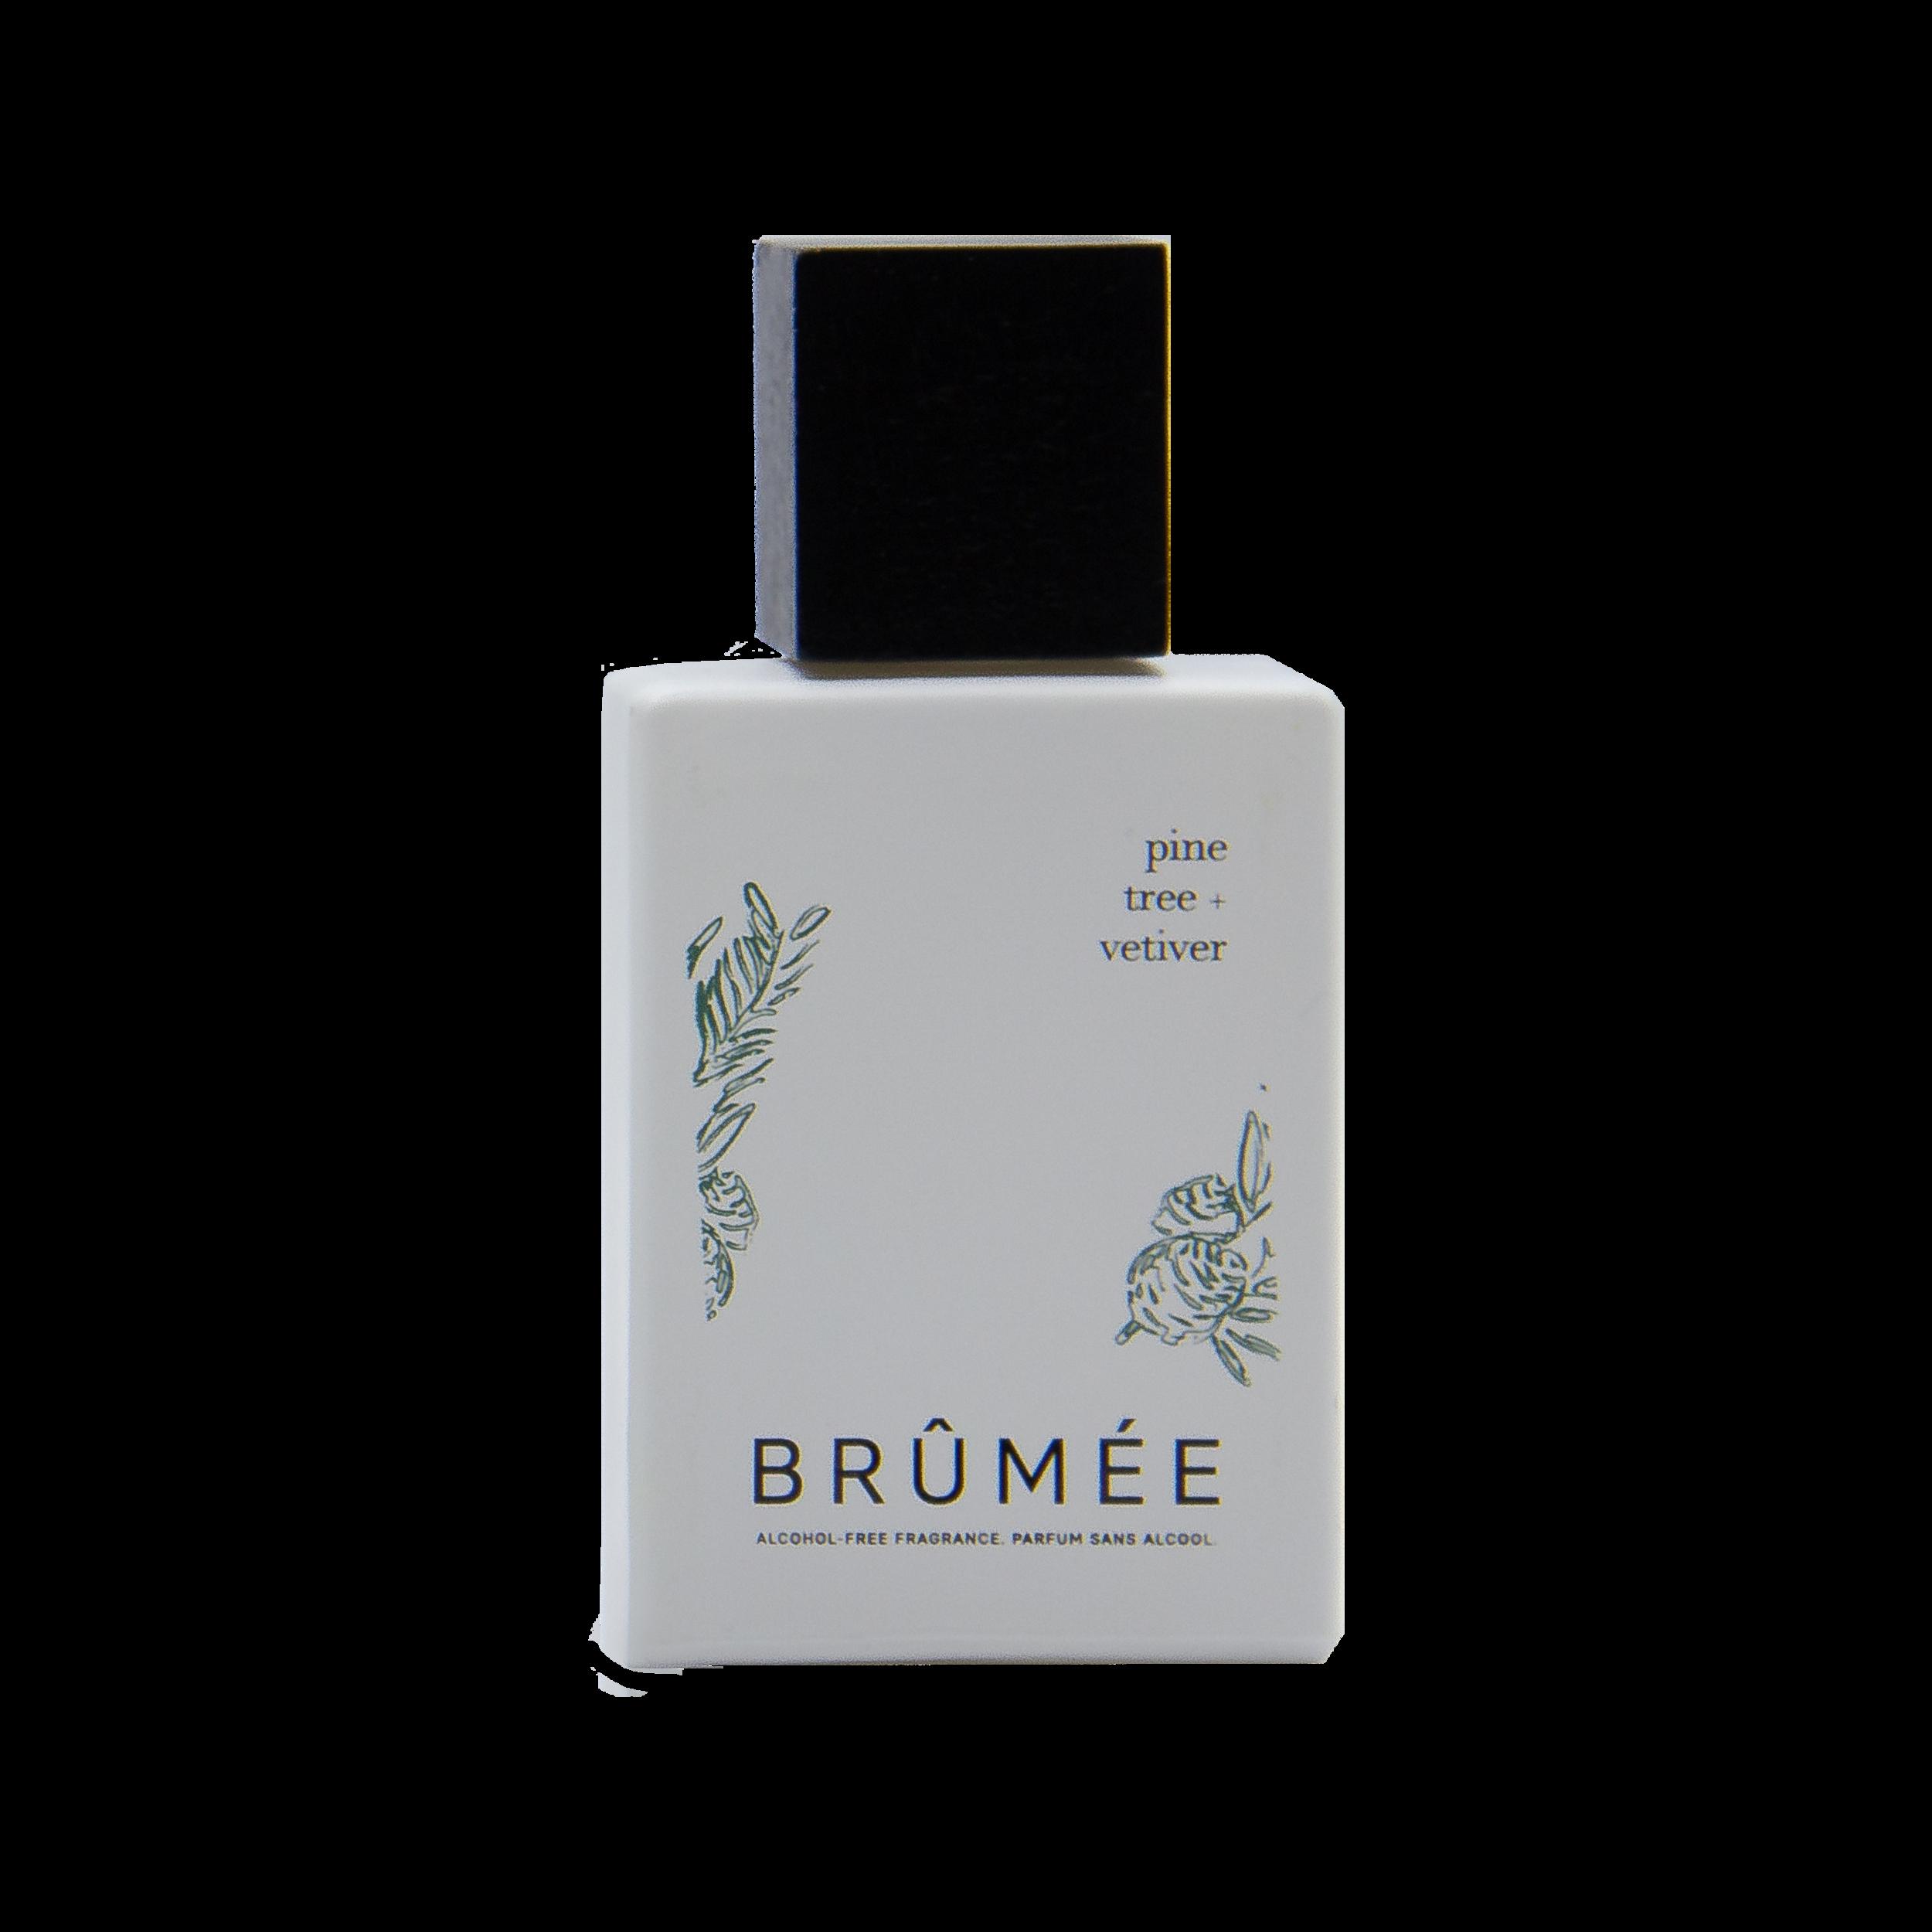 Parfum Brumee - Pine Tree + Vetiver